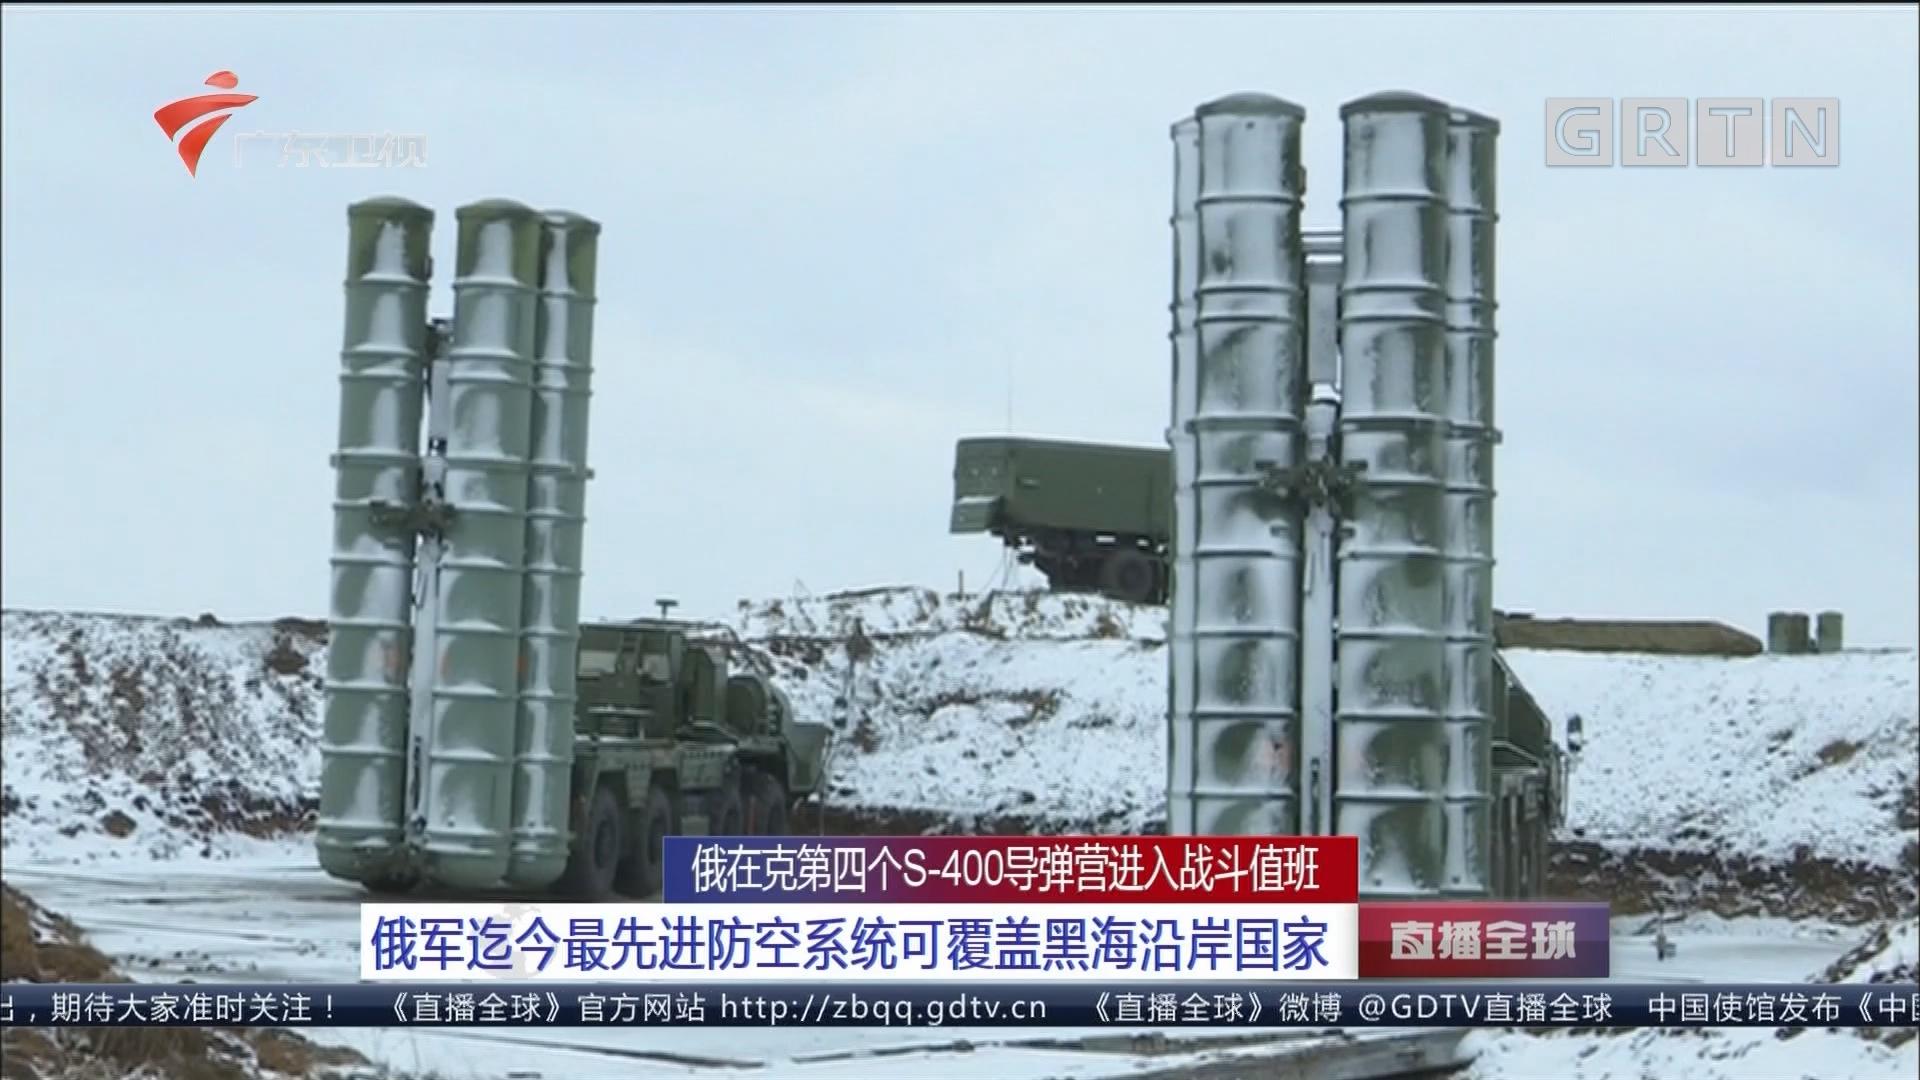 俄在克第四个S-400导弹营进入战斗值班:俄军迄今最先进防空系统可覆盖黑海沿岸国家